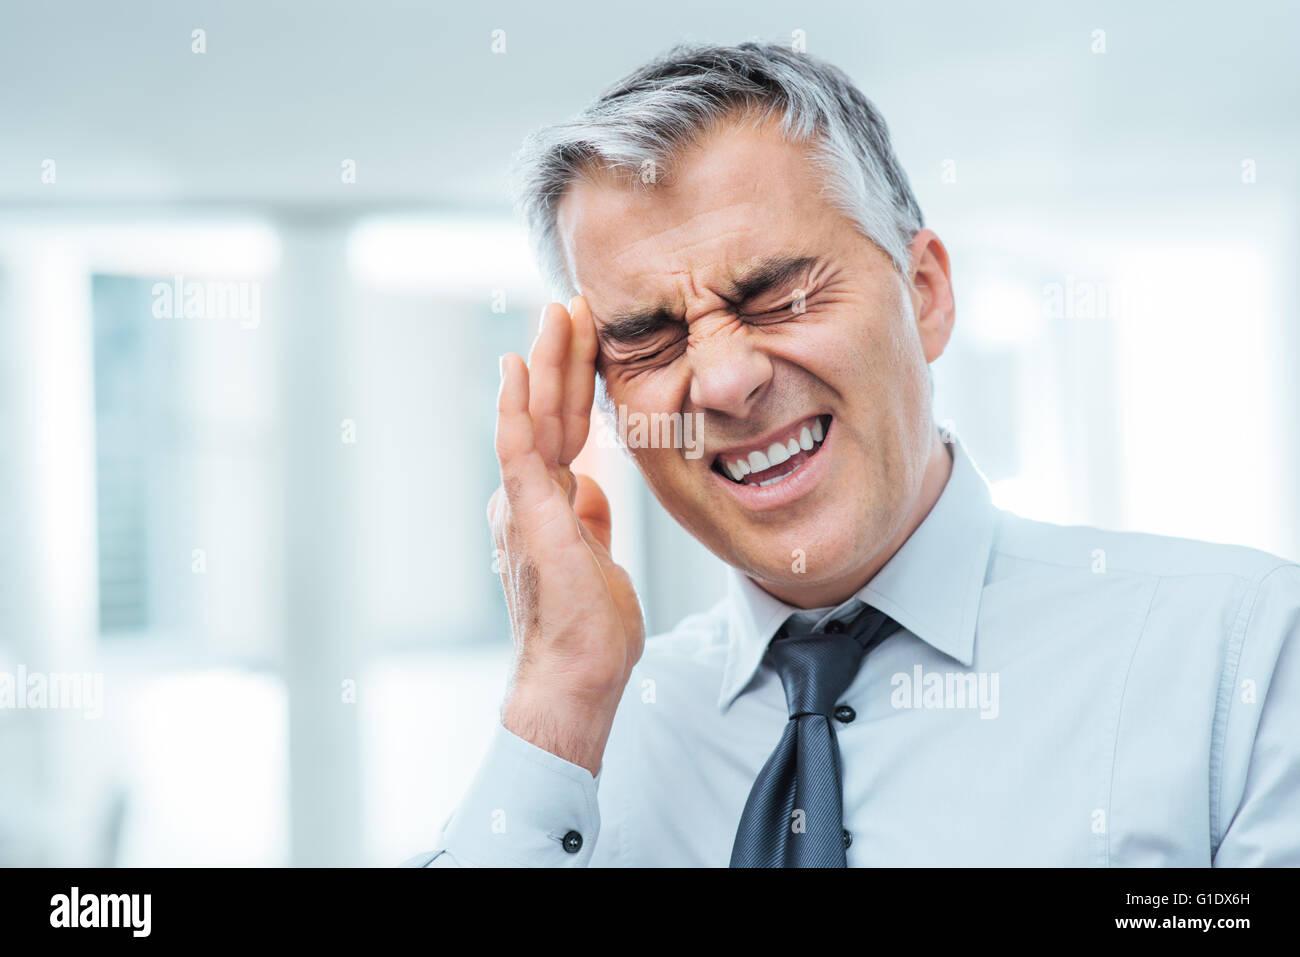 El sufrimiento del empresario tener un dolor de cabeza terrible y tocar sus templos, estrés y enfermedad concepto Imagen De Stock